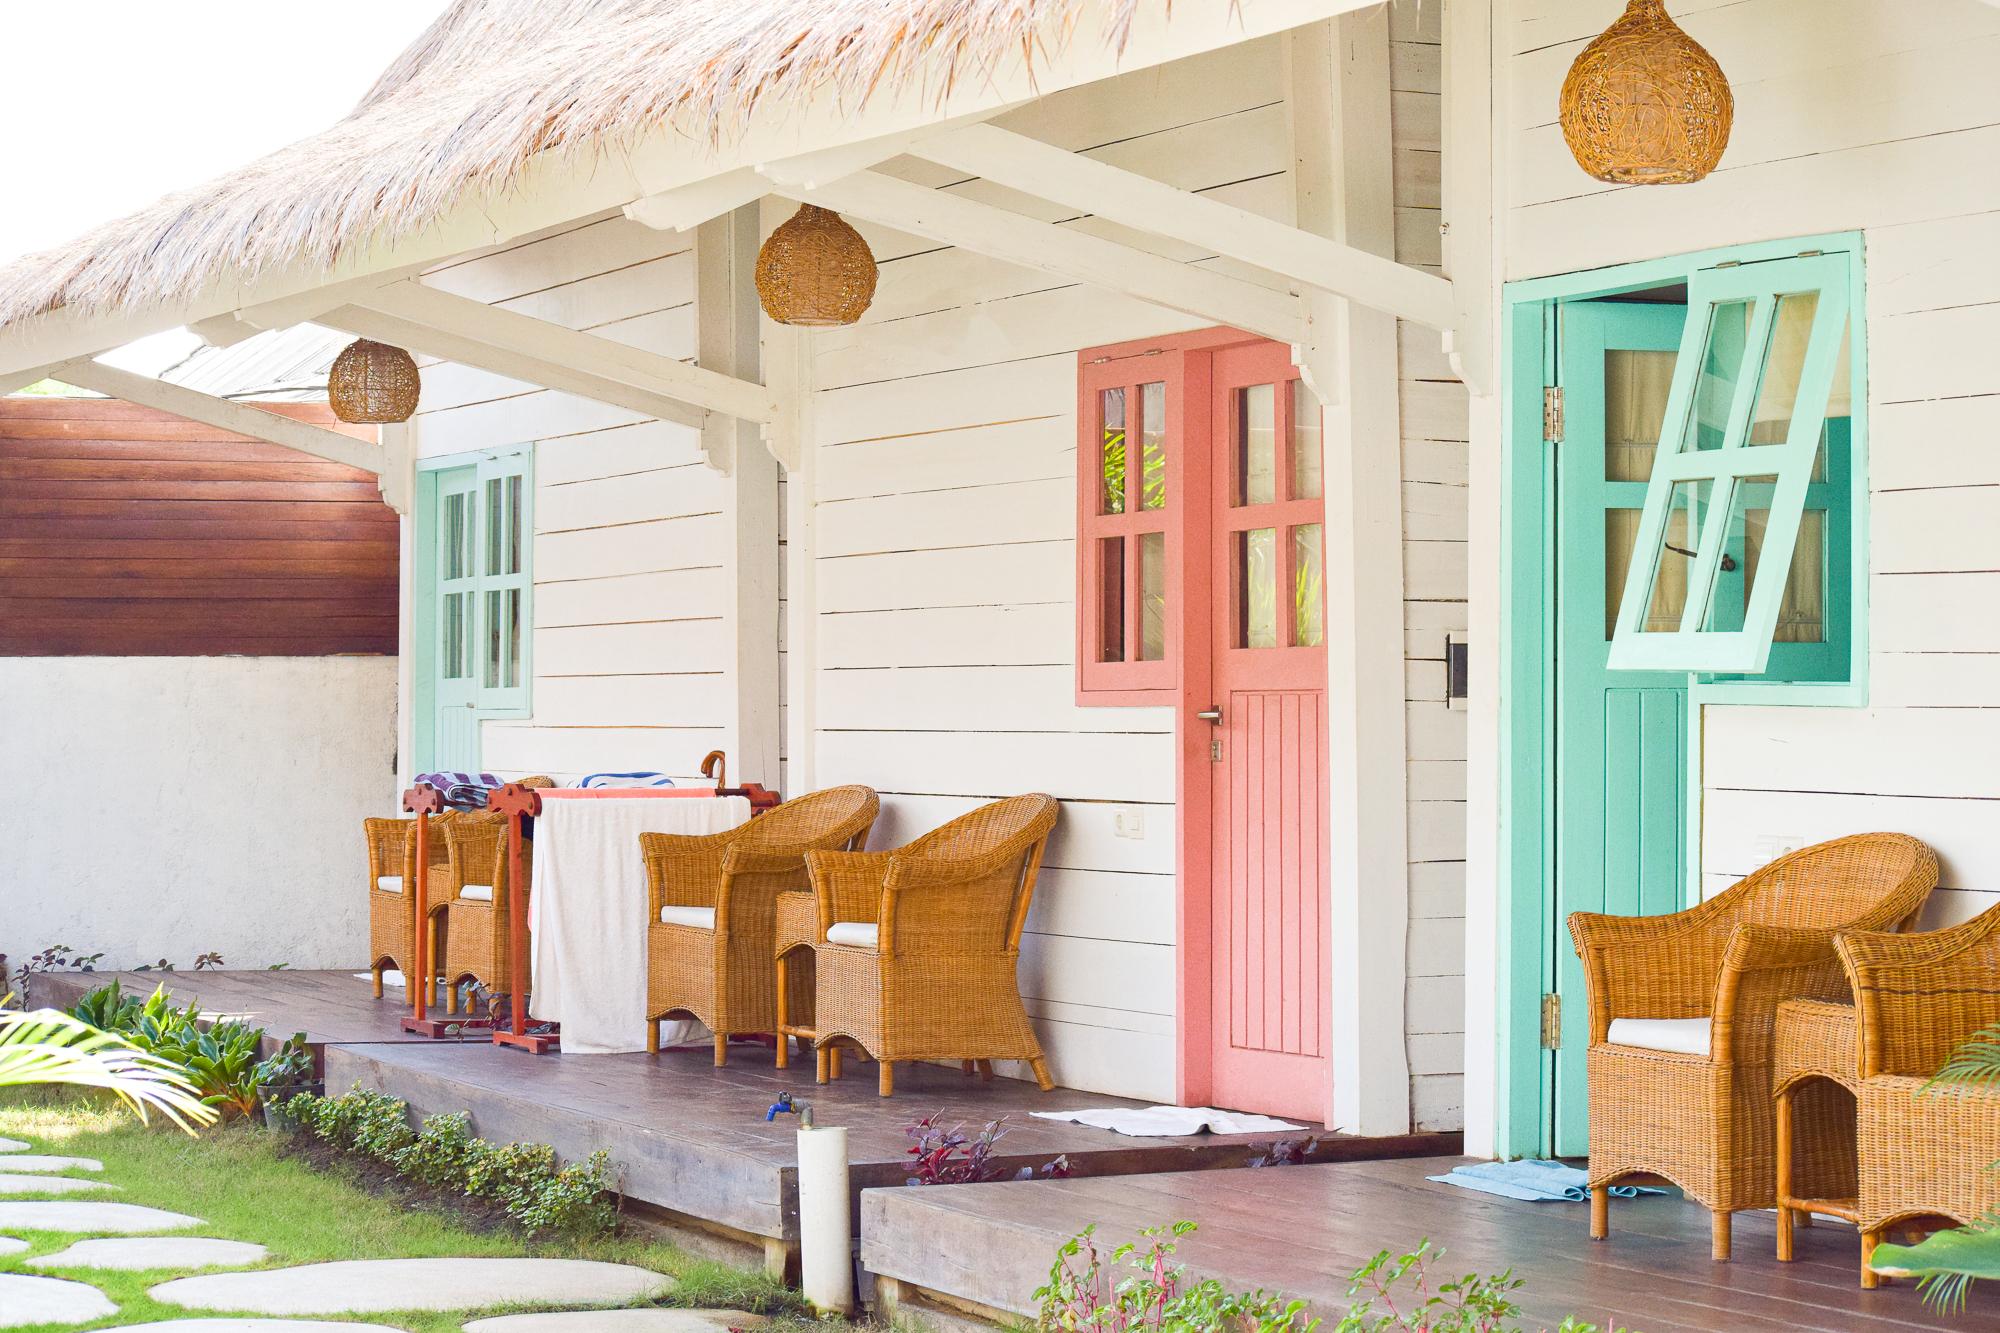 bungalows med pastellfärger på dörrarna.